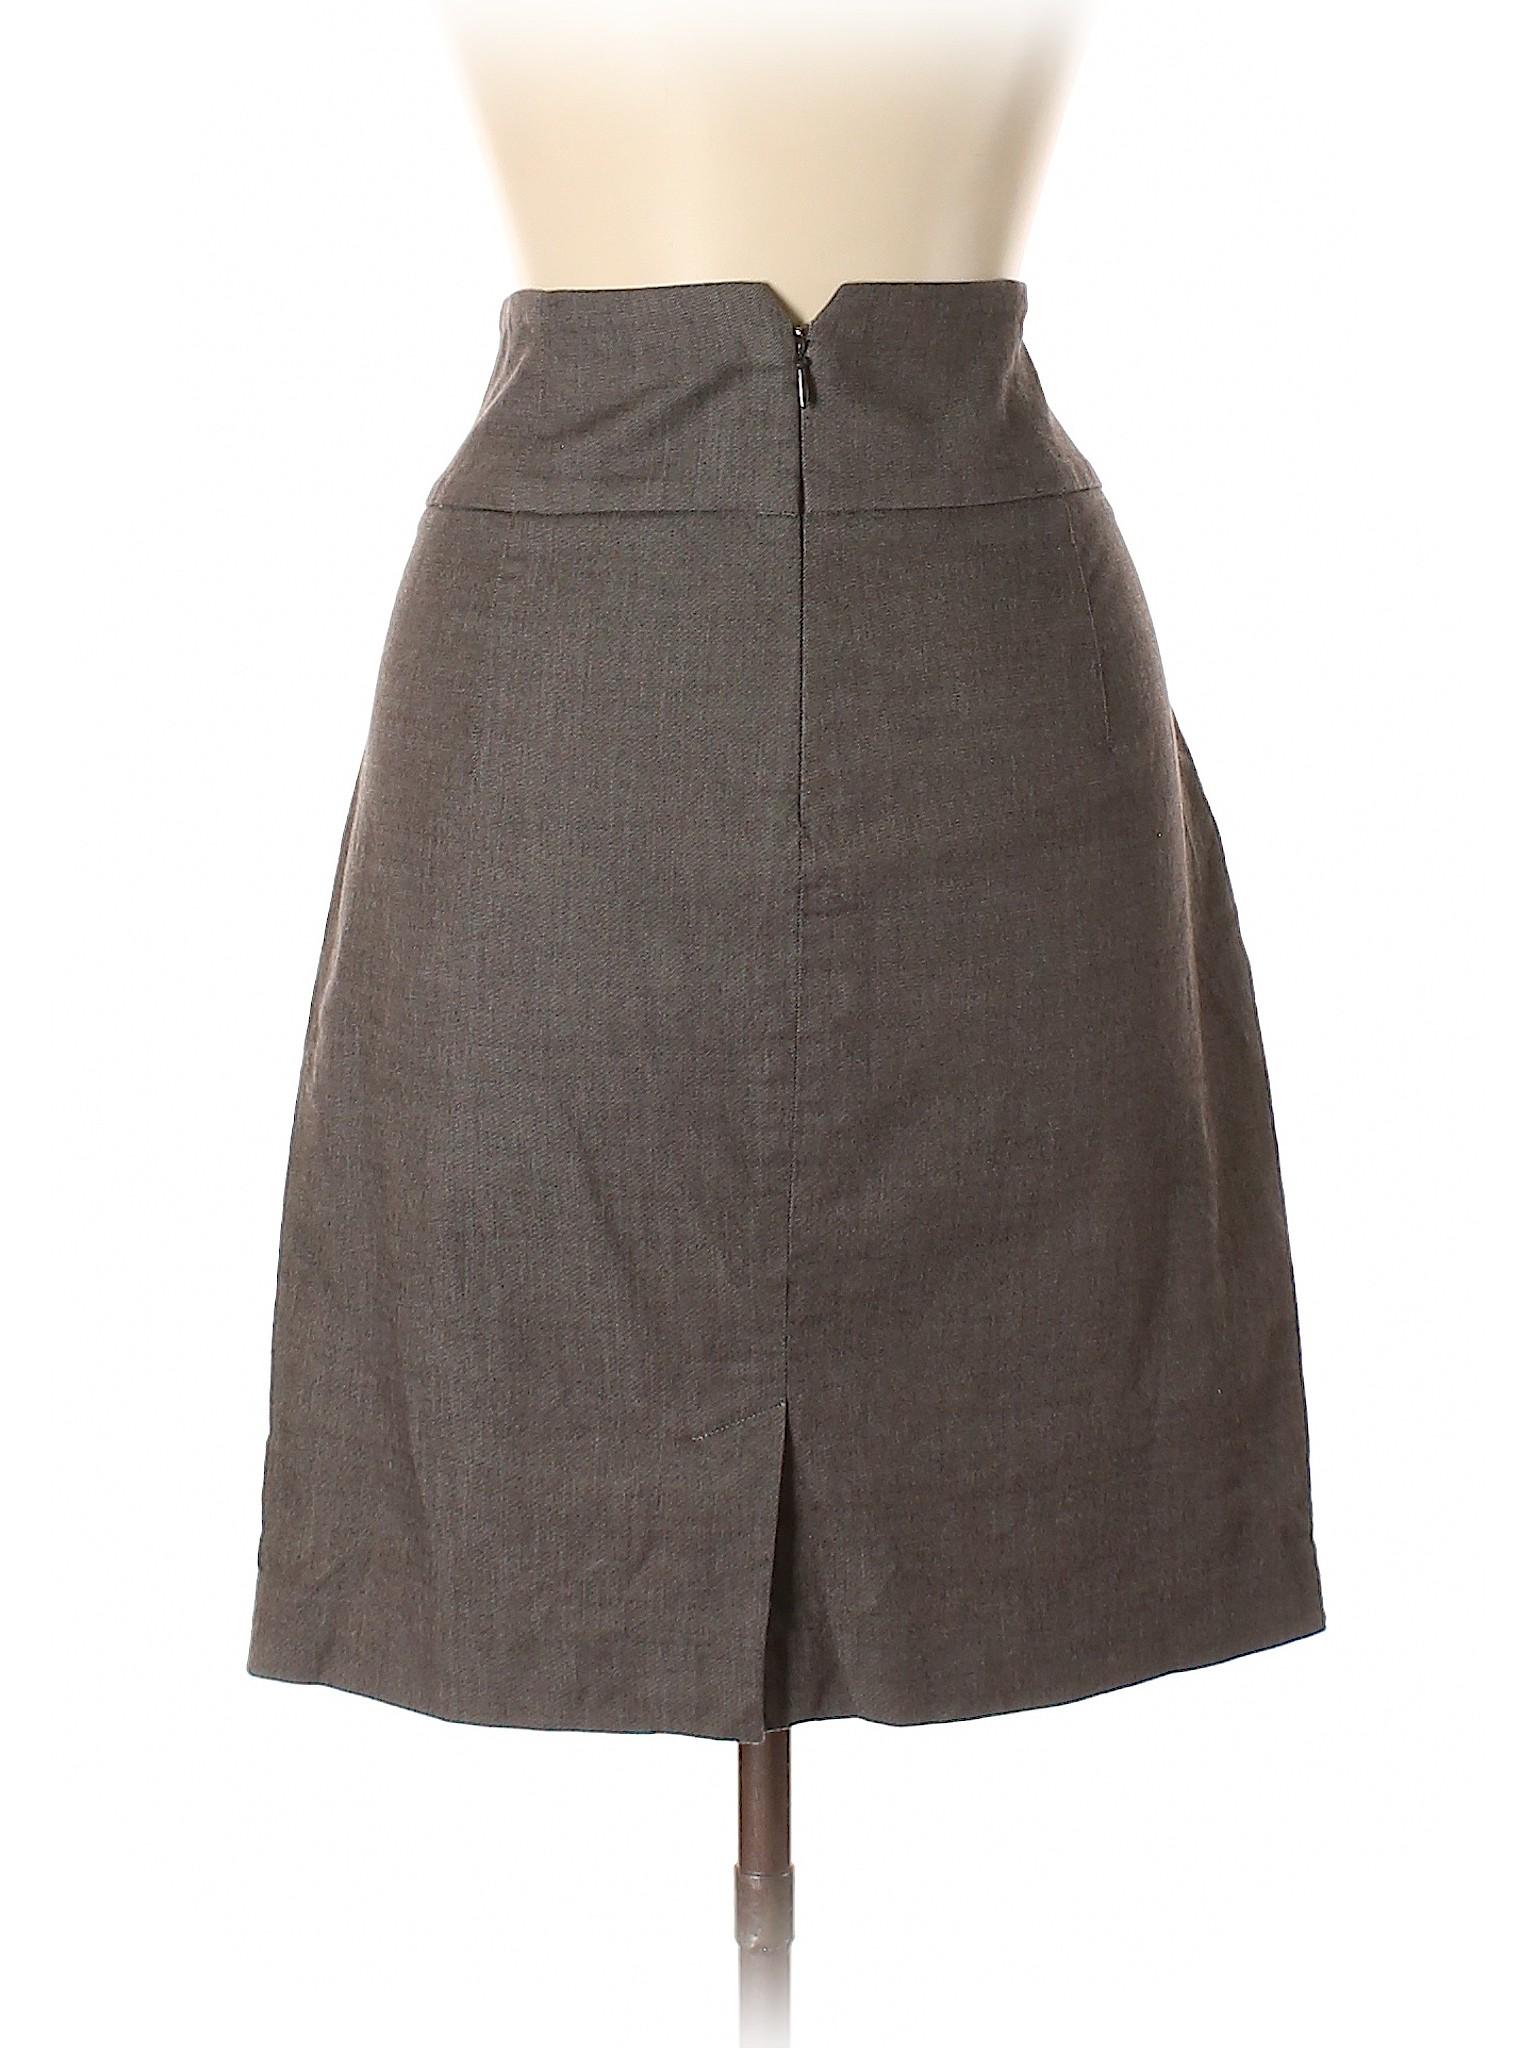 Skirt Boutique Casual Boutique Skirt Casual Boutique Casual qqwBYHR